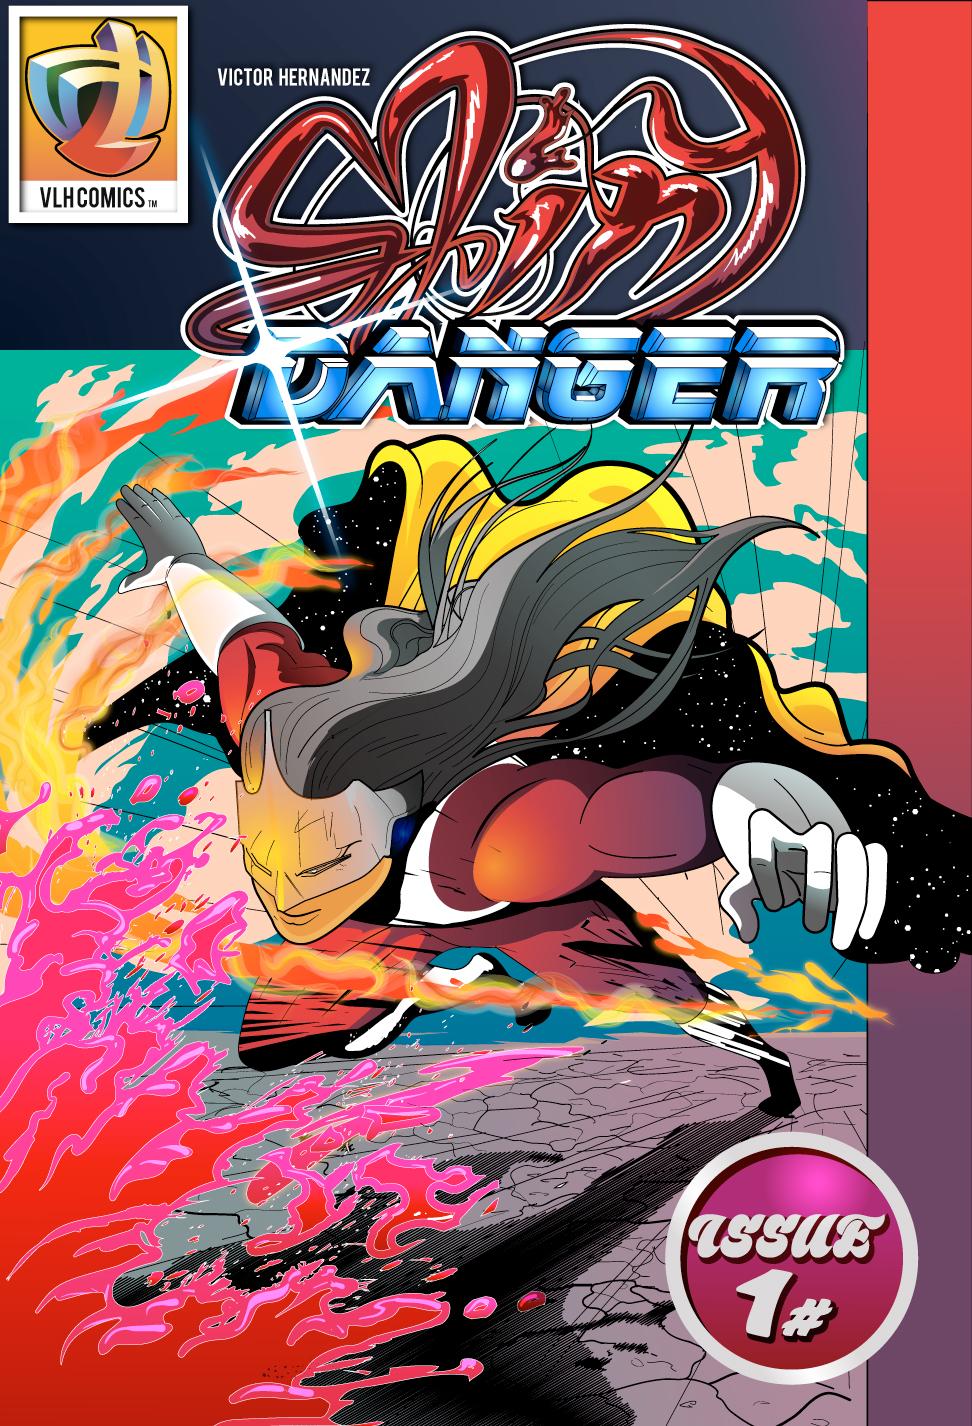 Shiny-Danger-high-detail2.jpg